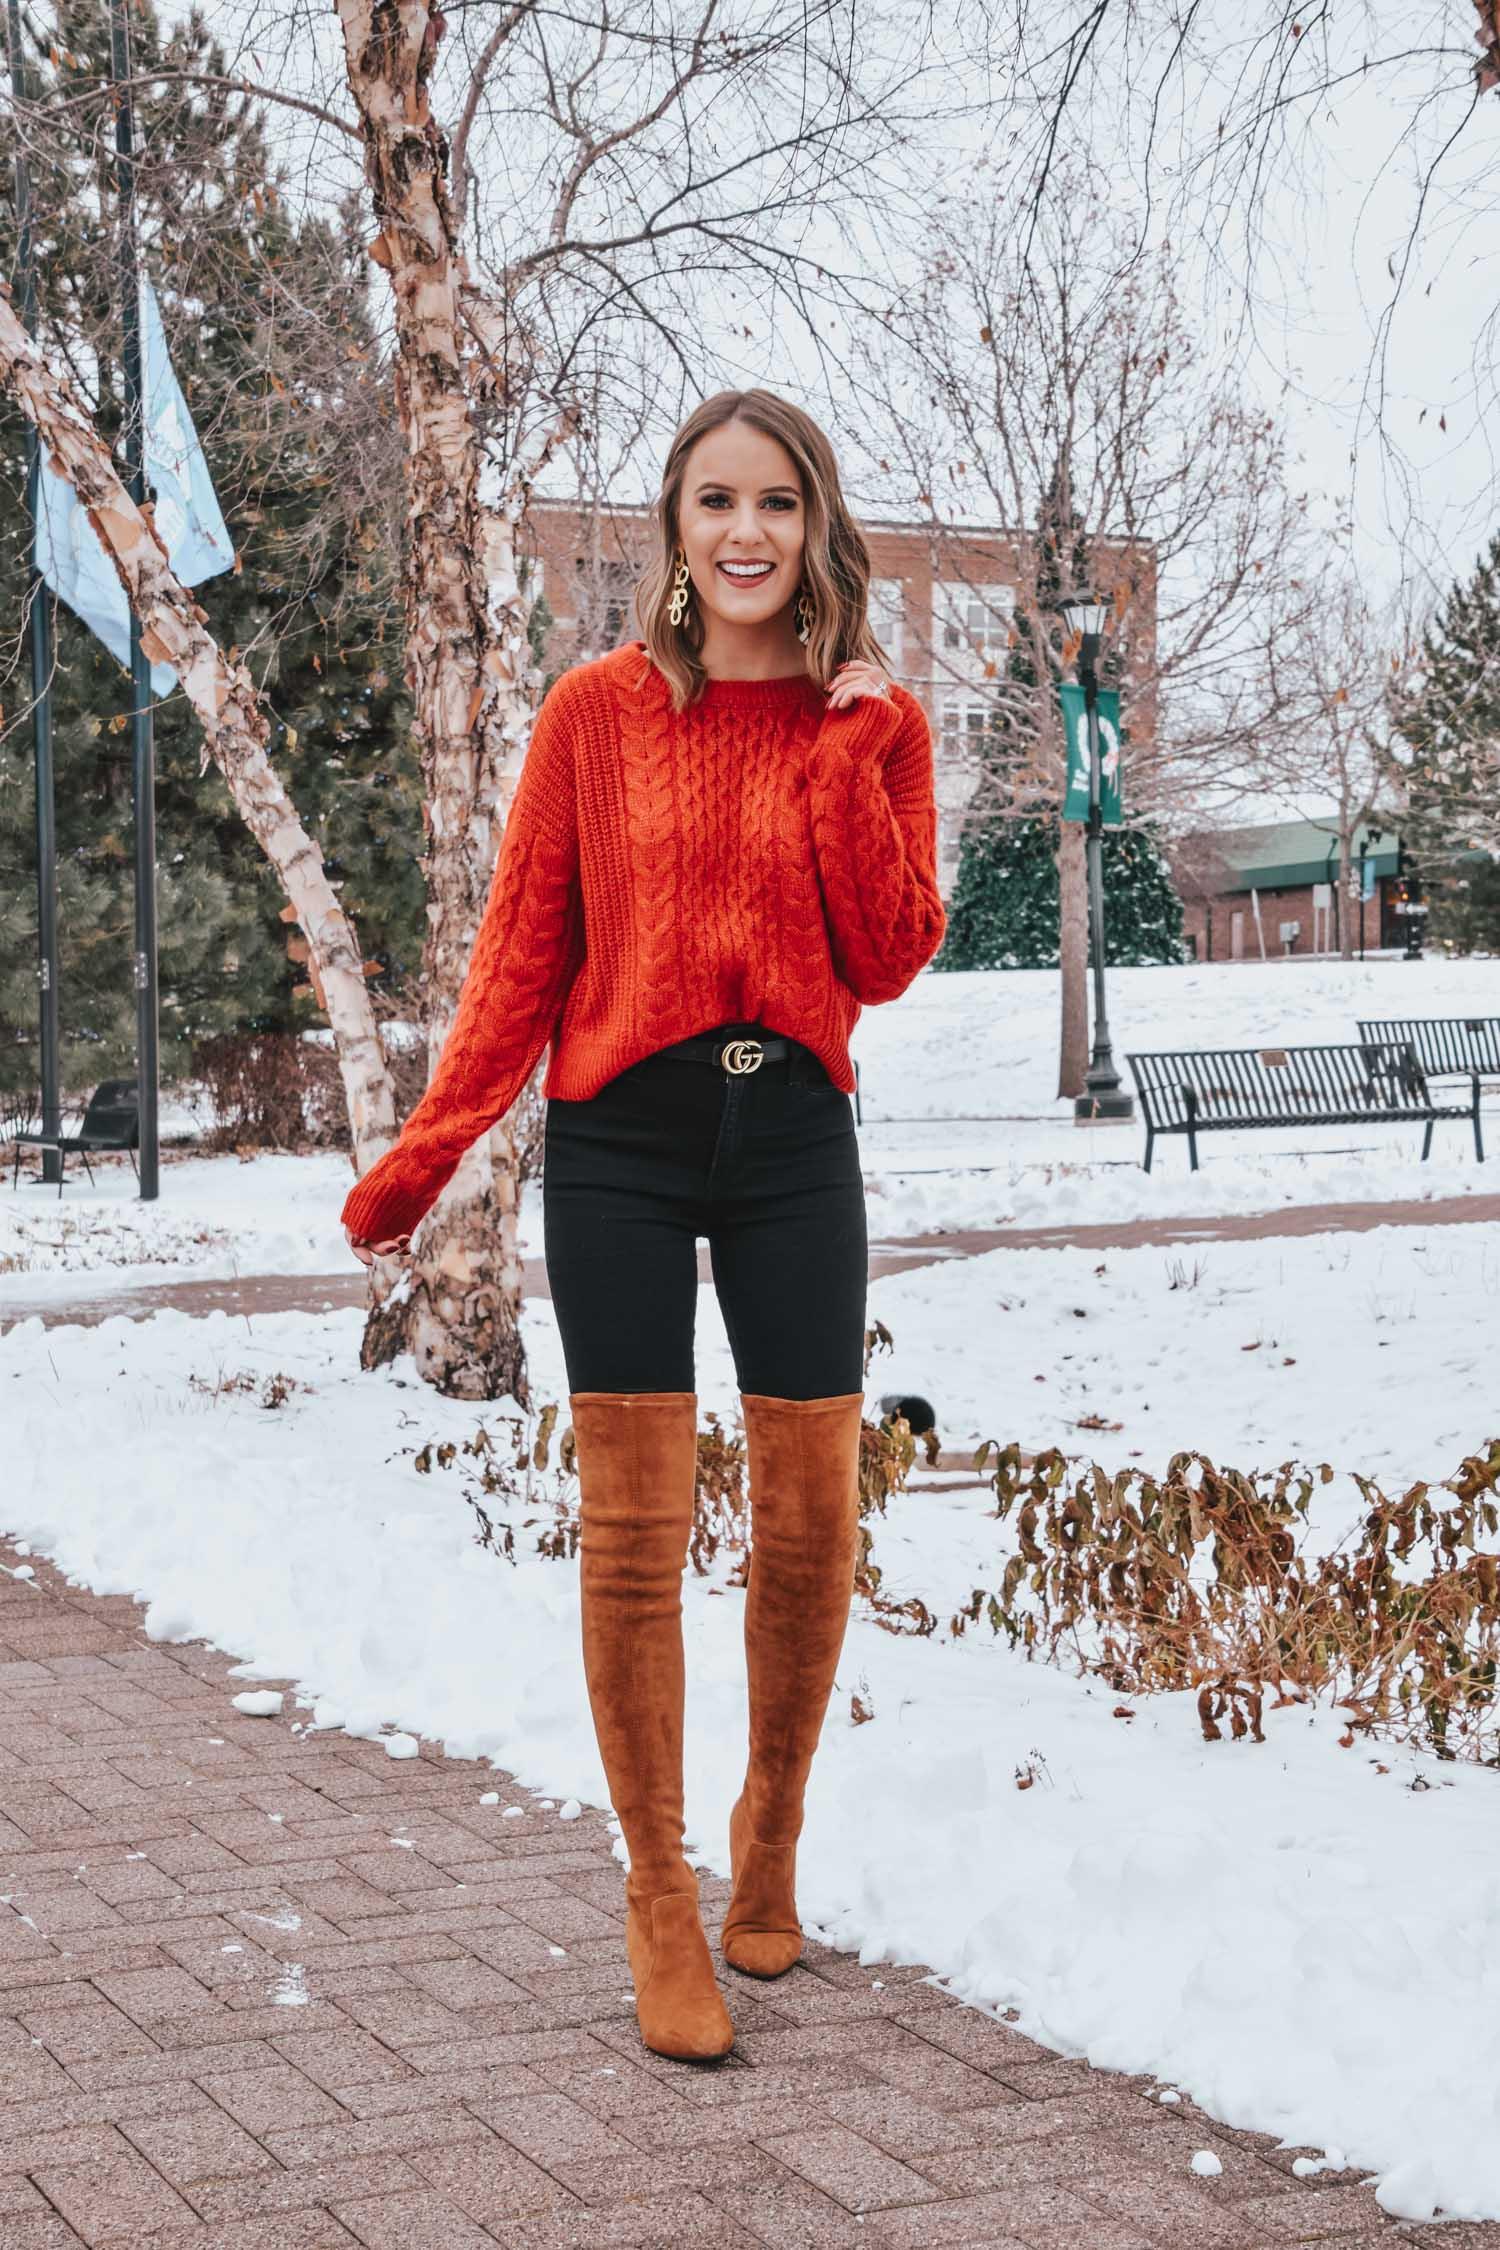 dbf1010c5 Top 10 Blog Bestsellers of 2018; Popular Style Blogger Lauren Meyer of The Lo  Meyer